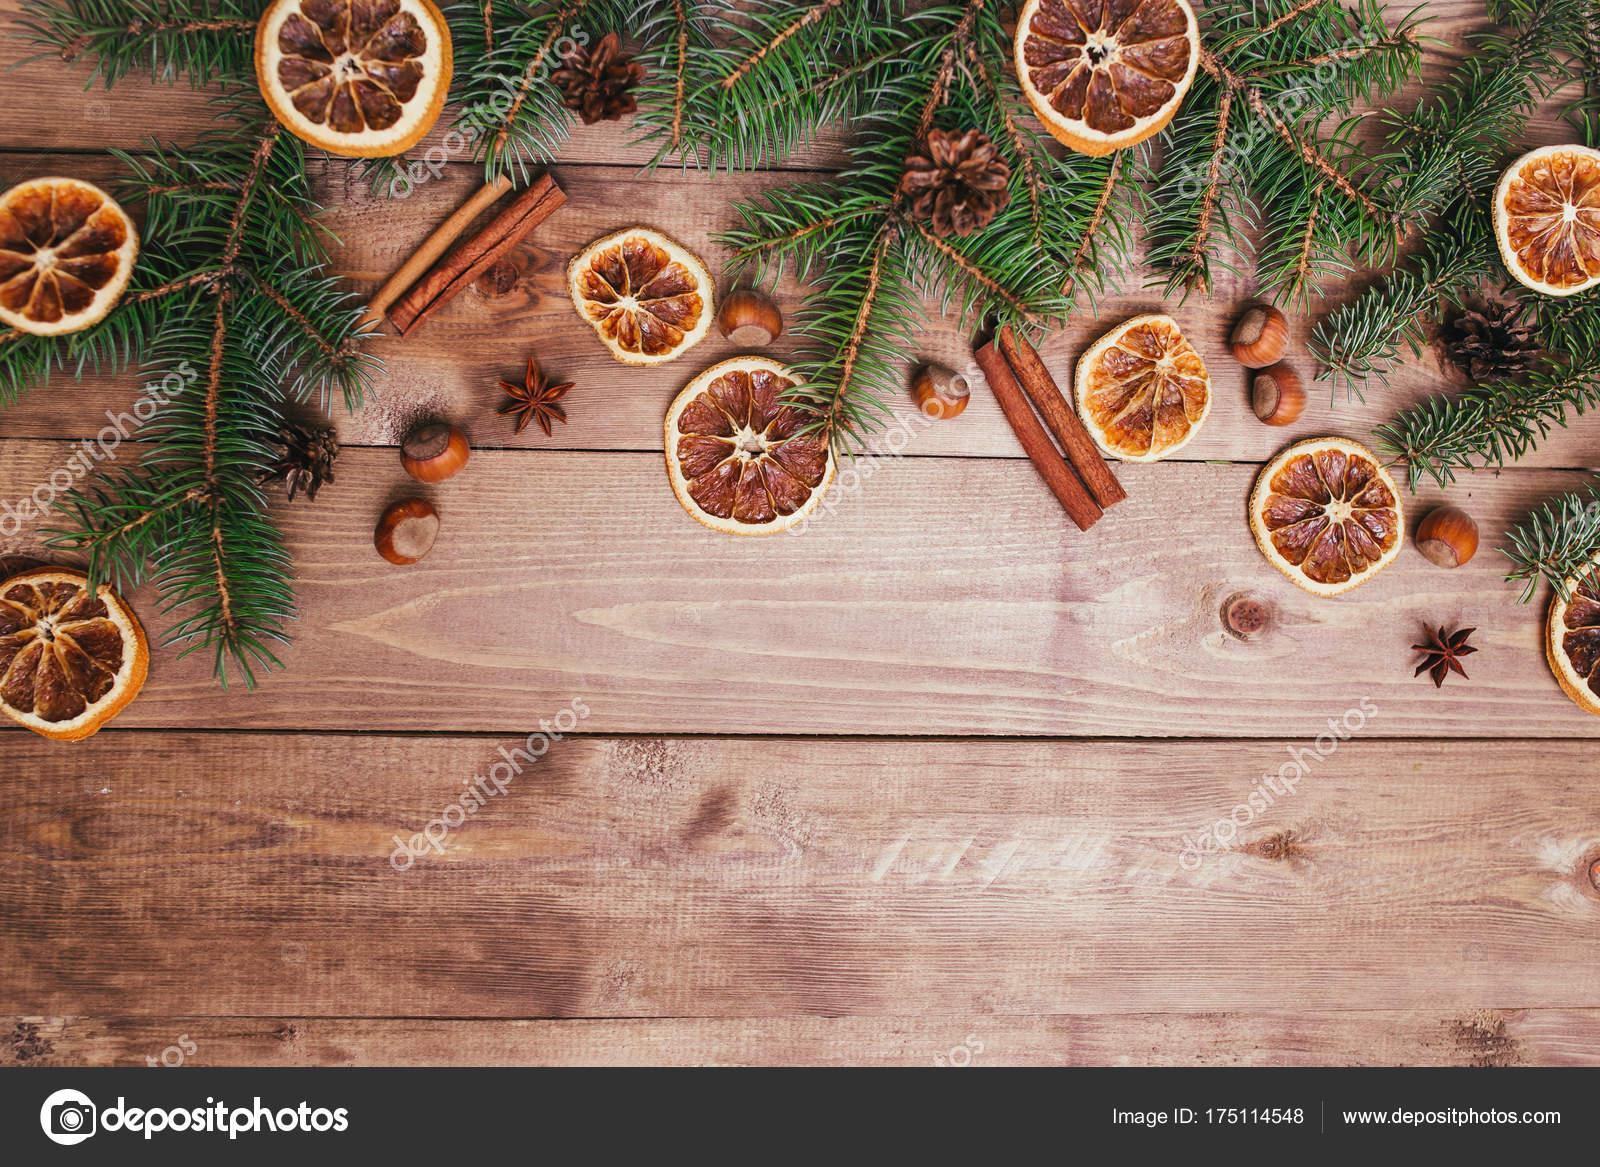 Decorazioni In Legno Per Albero Di Natale : Natale o capodanno marrone fondo di legno decorazione di cibo di